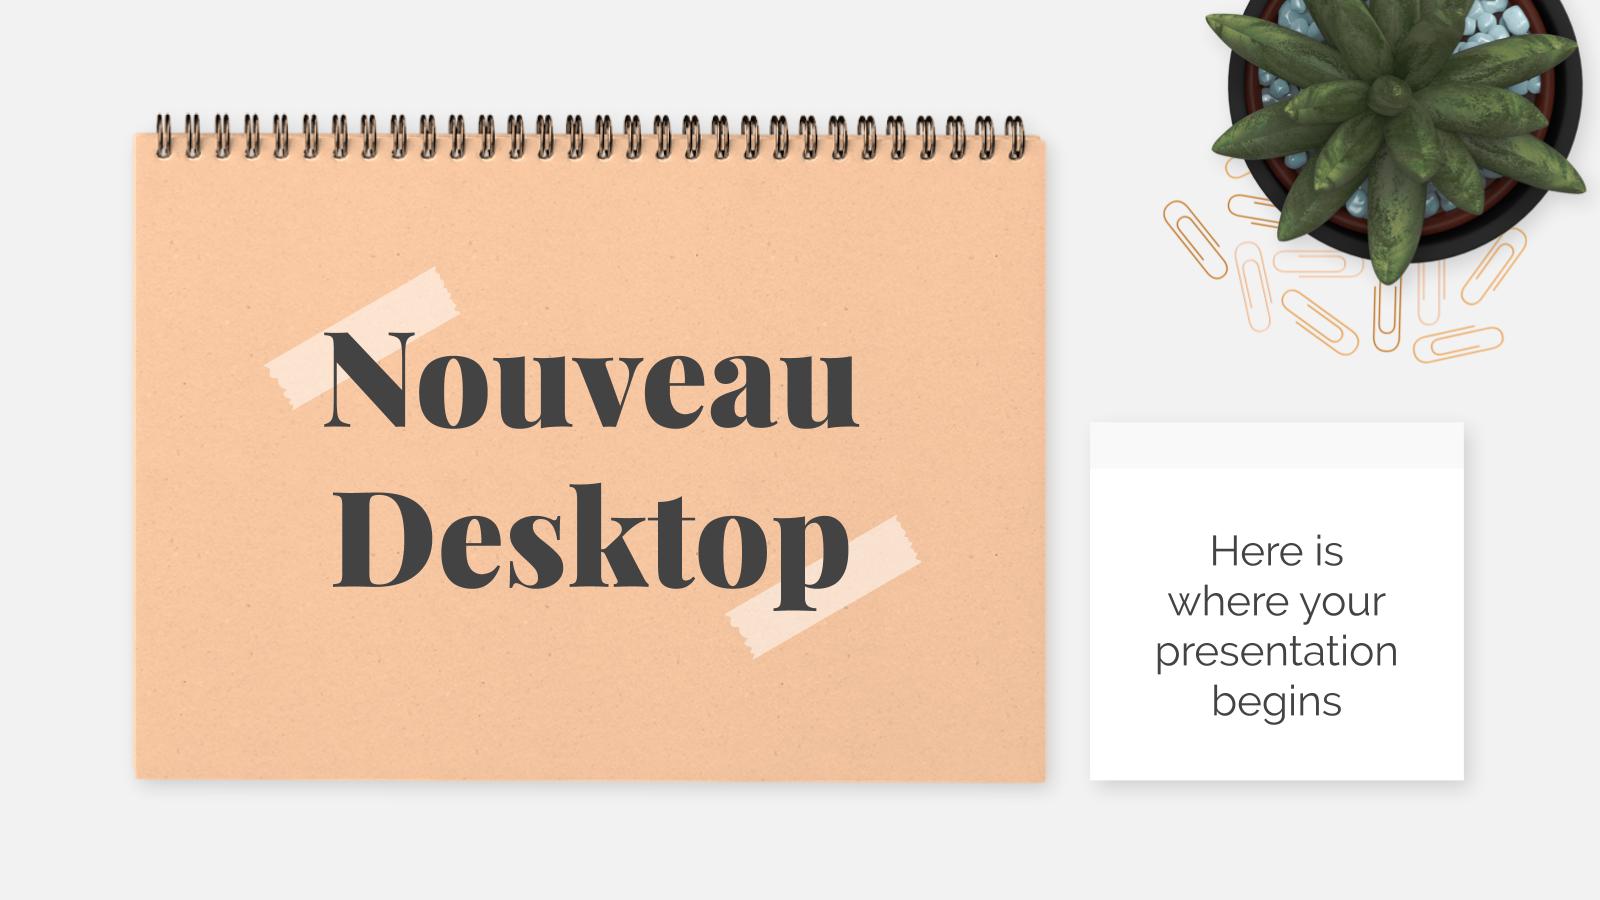 Nouveau Desktop presentation template